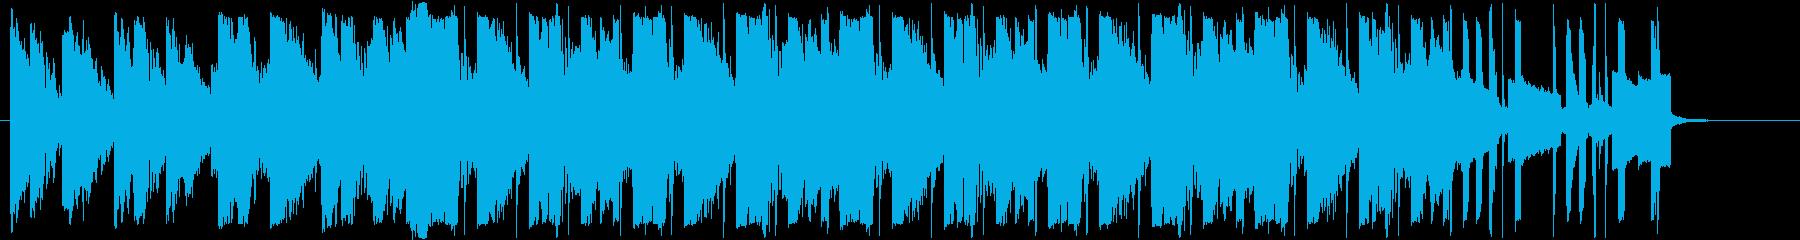 ピアノ/ギター/疾走感/企業VPの再生済みの波形